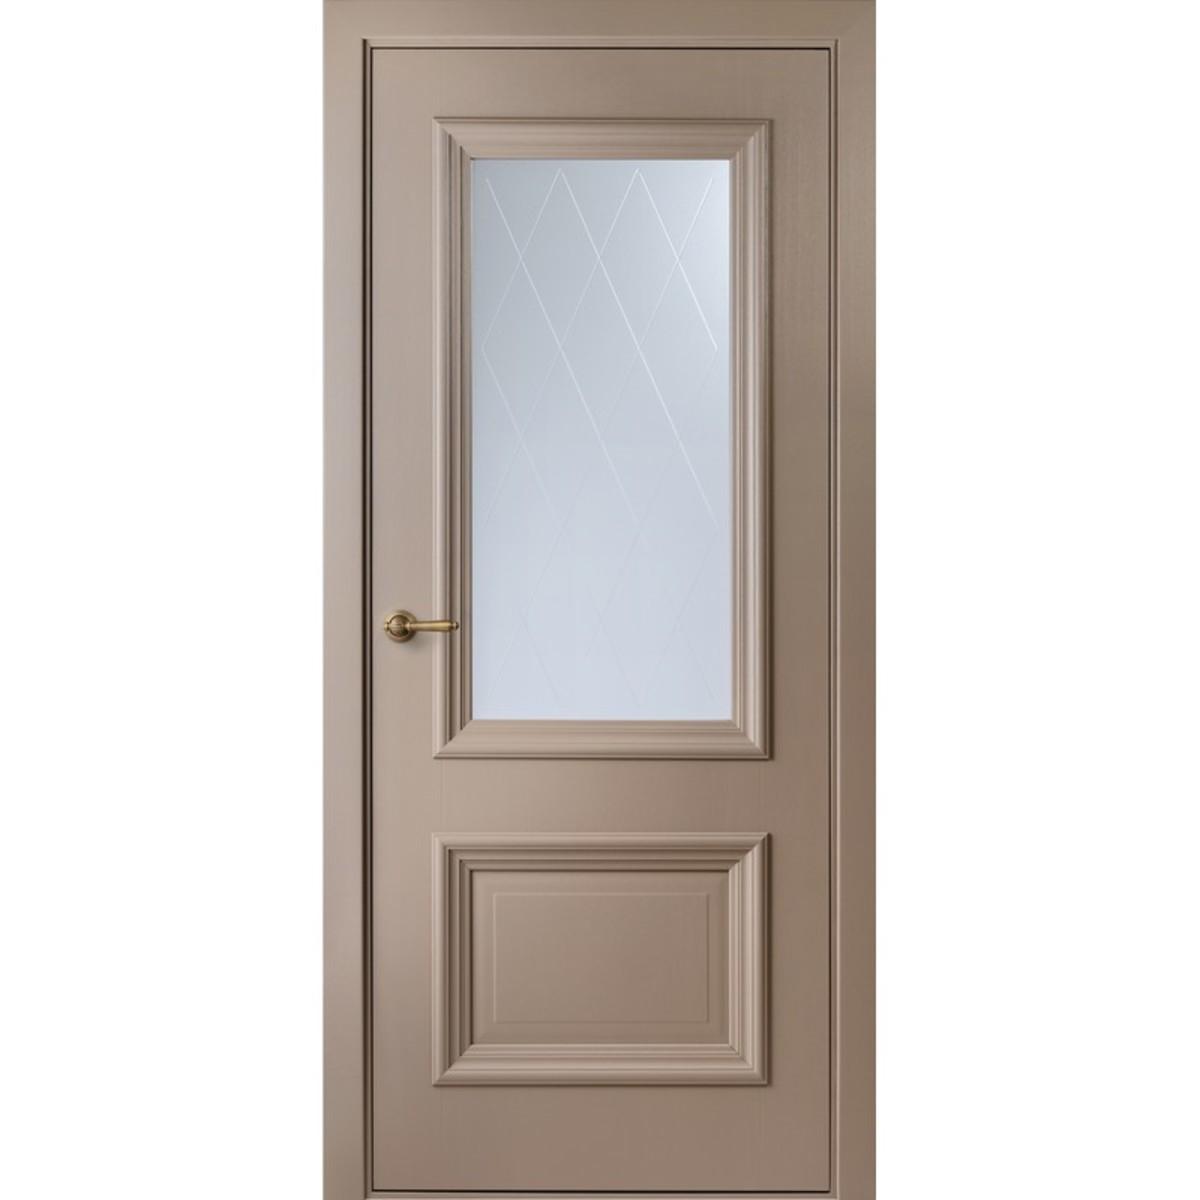 Дверь межкомнатная остеклённая Франческа 80x200 см эвопро капучино